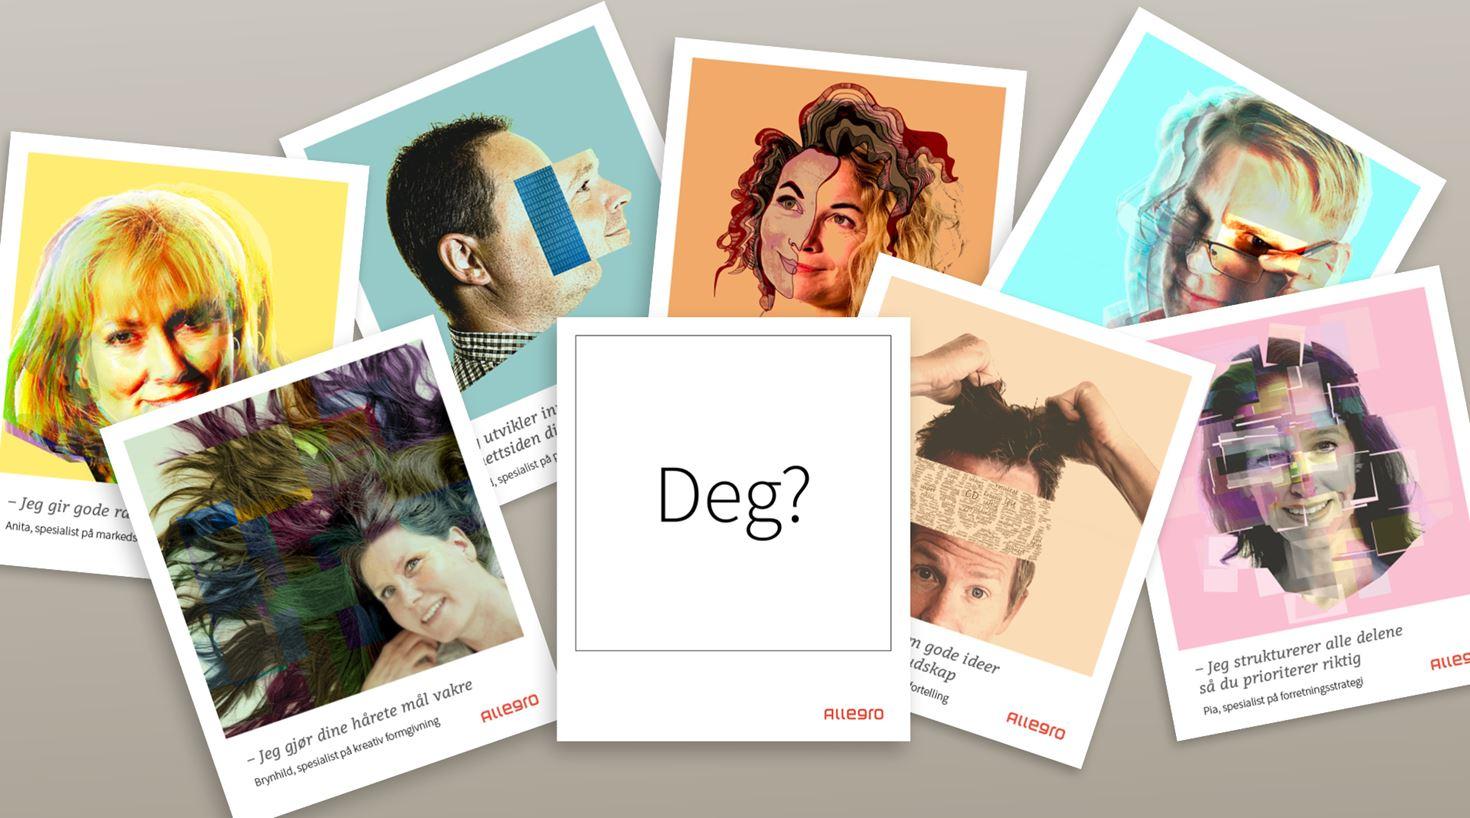 Allegro søker spesialist i digital markedsføring og analyse